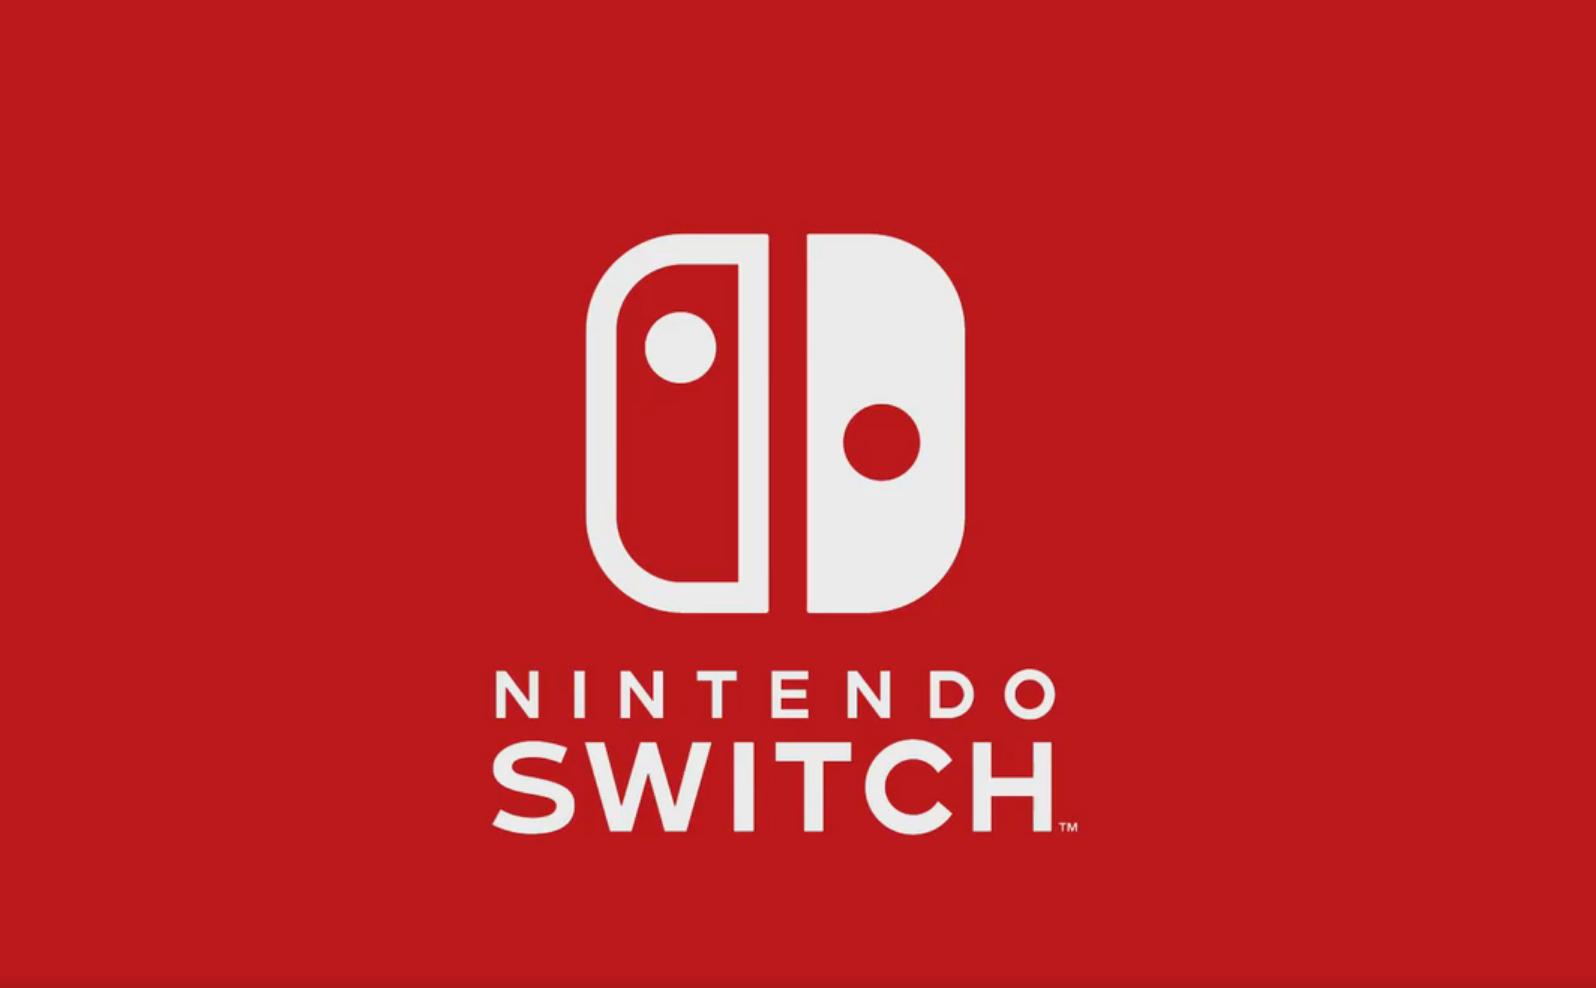 رئیس شرکت Falcom به انتشار بازیهایش برروی نینتندو سوییچ علاقه دارد